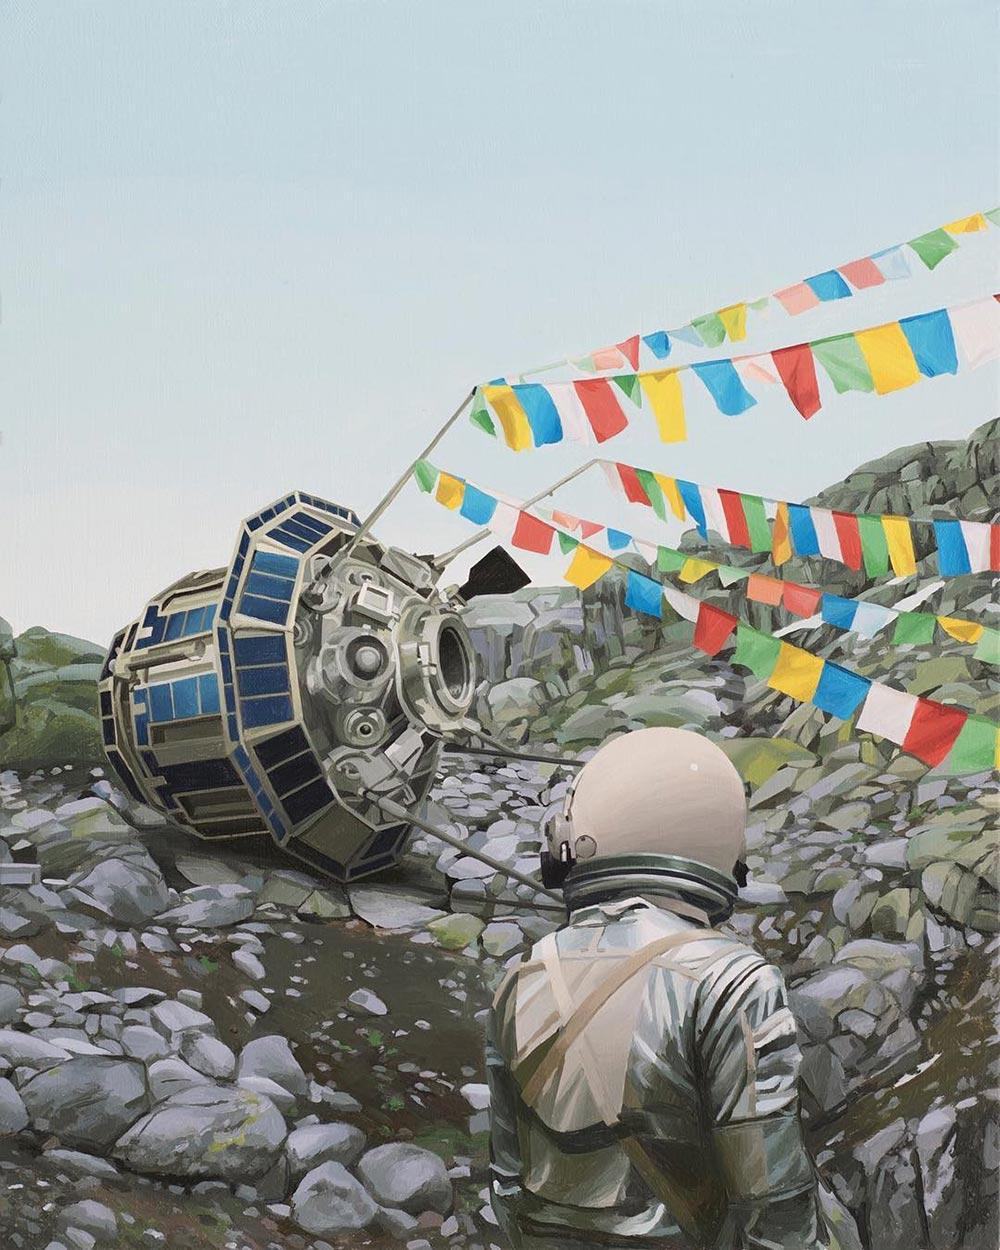 Художник Скотт Листфилд Scott Listfield сцены постапокалипсиса